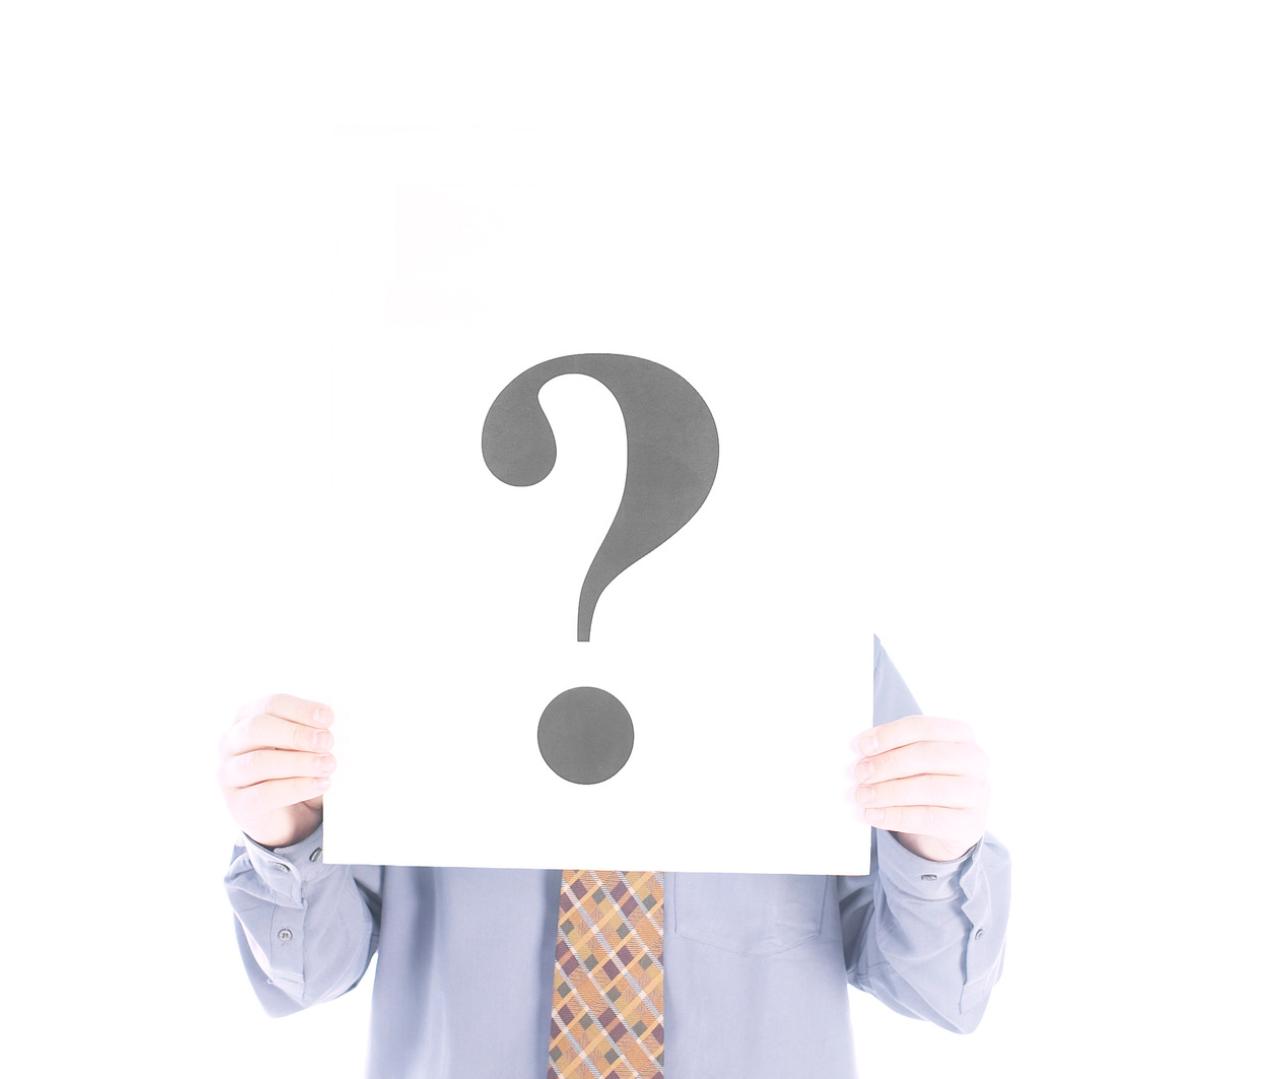 Usluge zakonske revizije – mišljenje ministarstva financija i gospodarstva